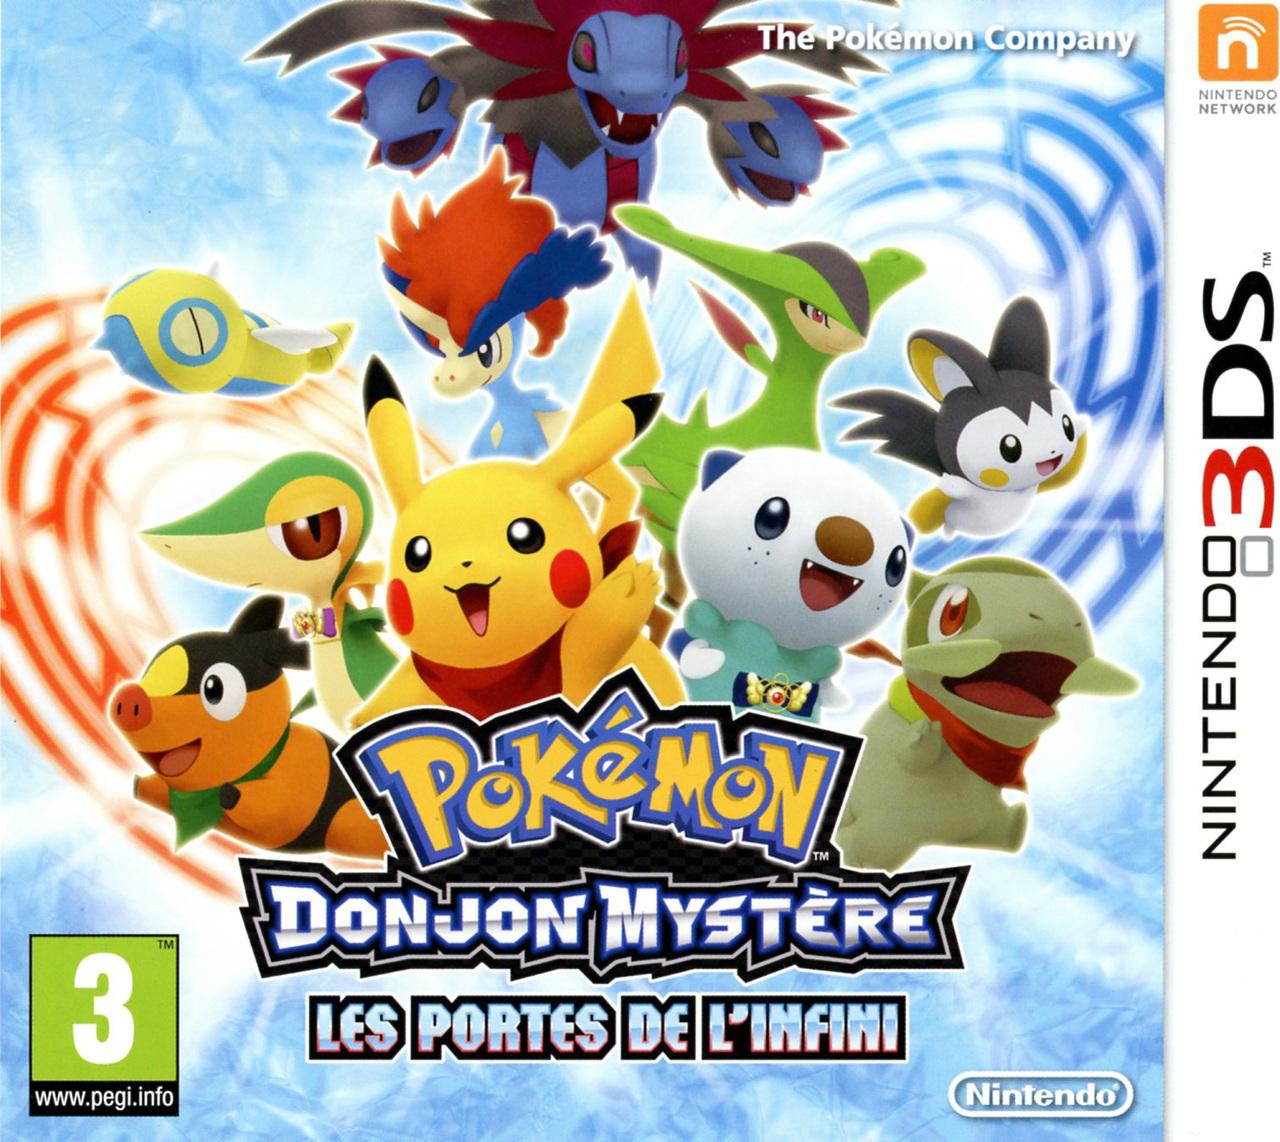 Telecharger Pokémon Donjon Mystère: Les Portes de l'Infini [3DS]